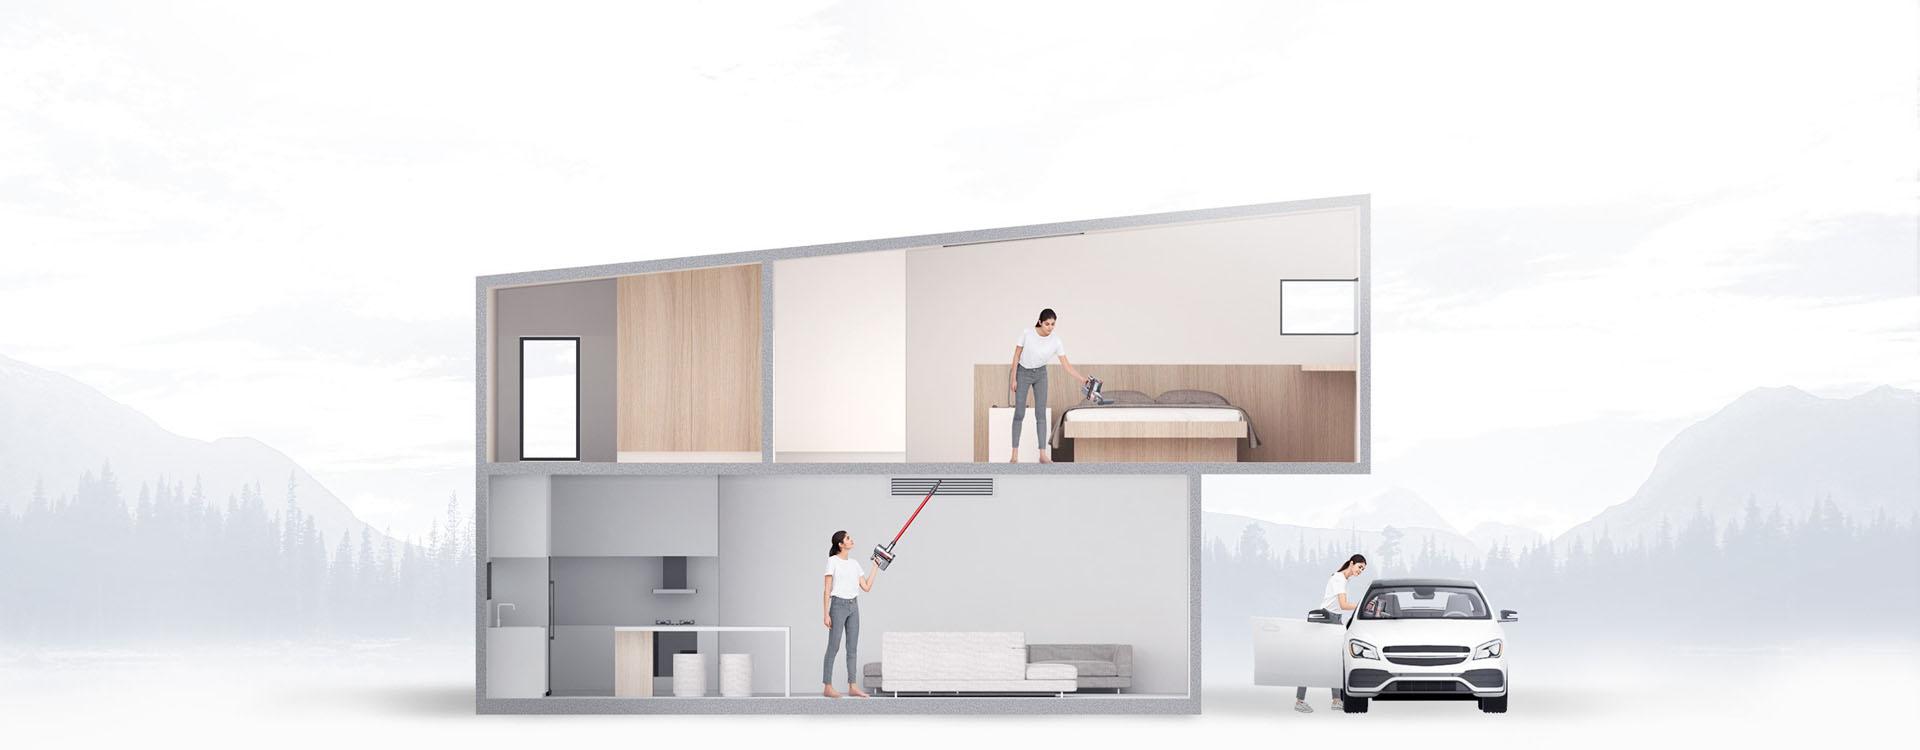 Przez przkrój domu widać jak kobieta sprząta przy pomocy Roborock H6 sypialnię. Sprząta także wnętrze samochodu.